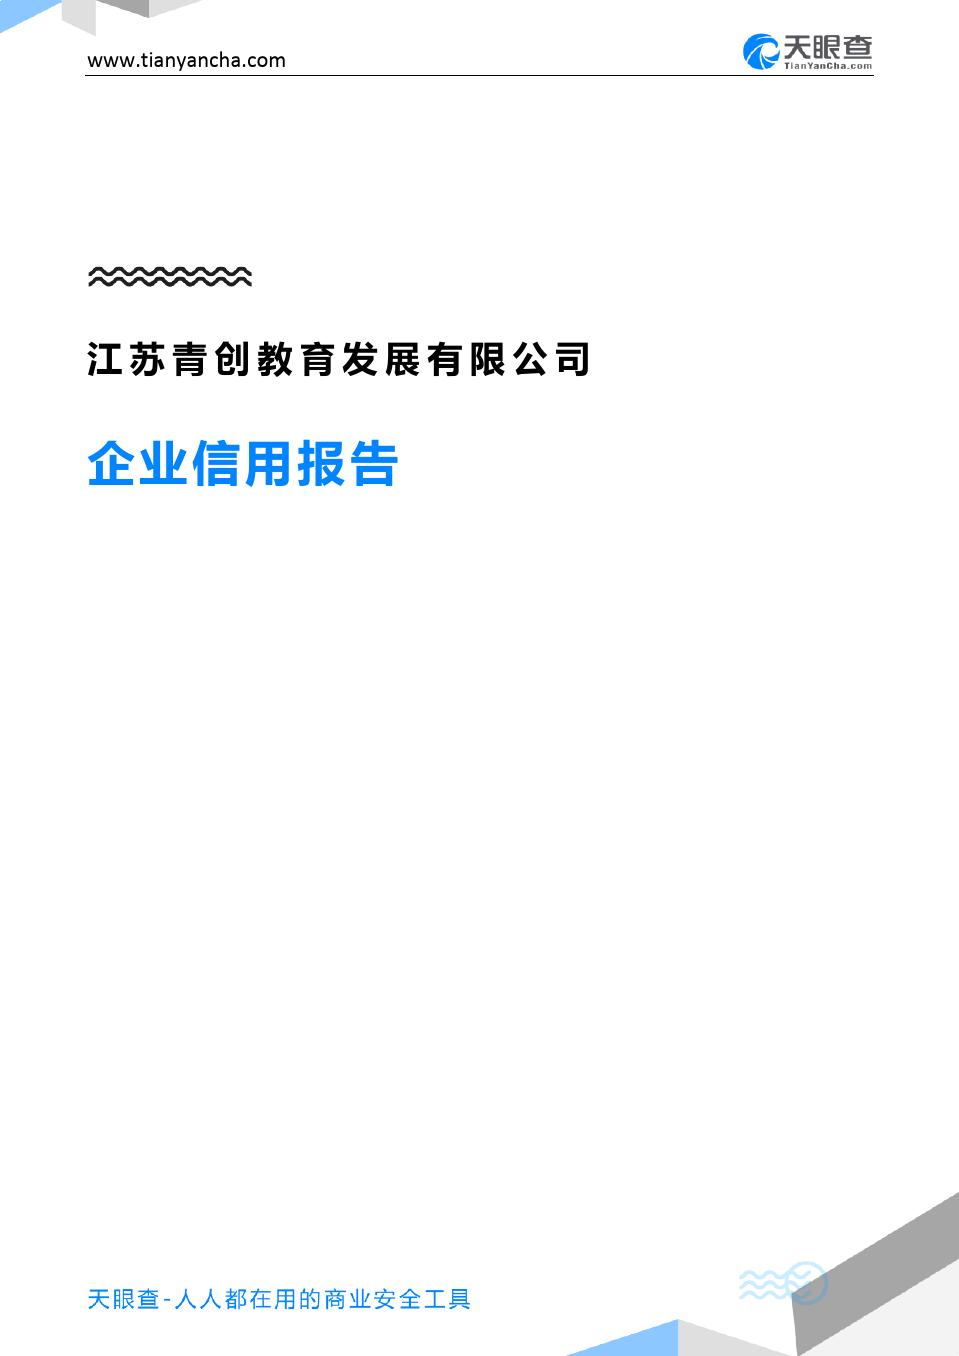 江苏青创教育发展有限公司(企业信用报告)- 天眼查